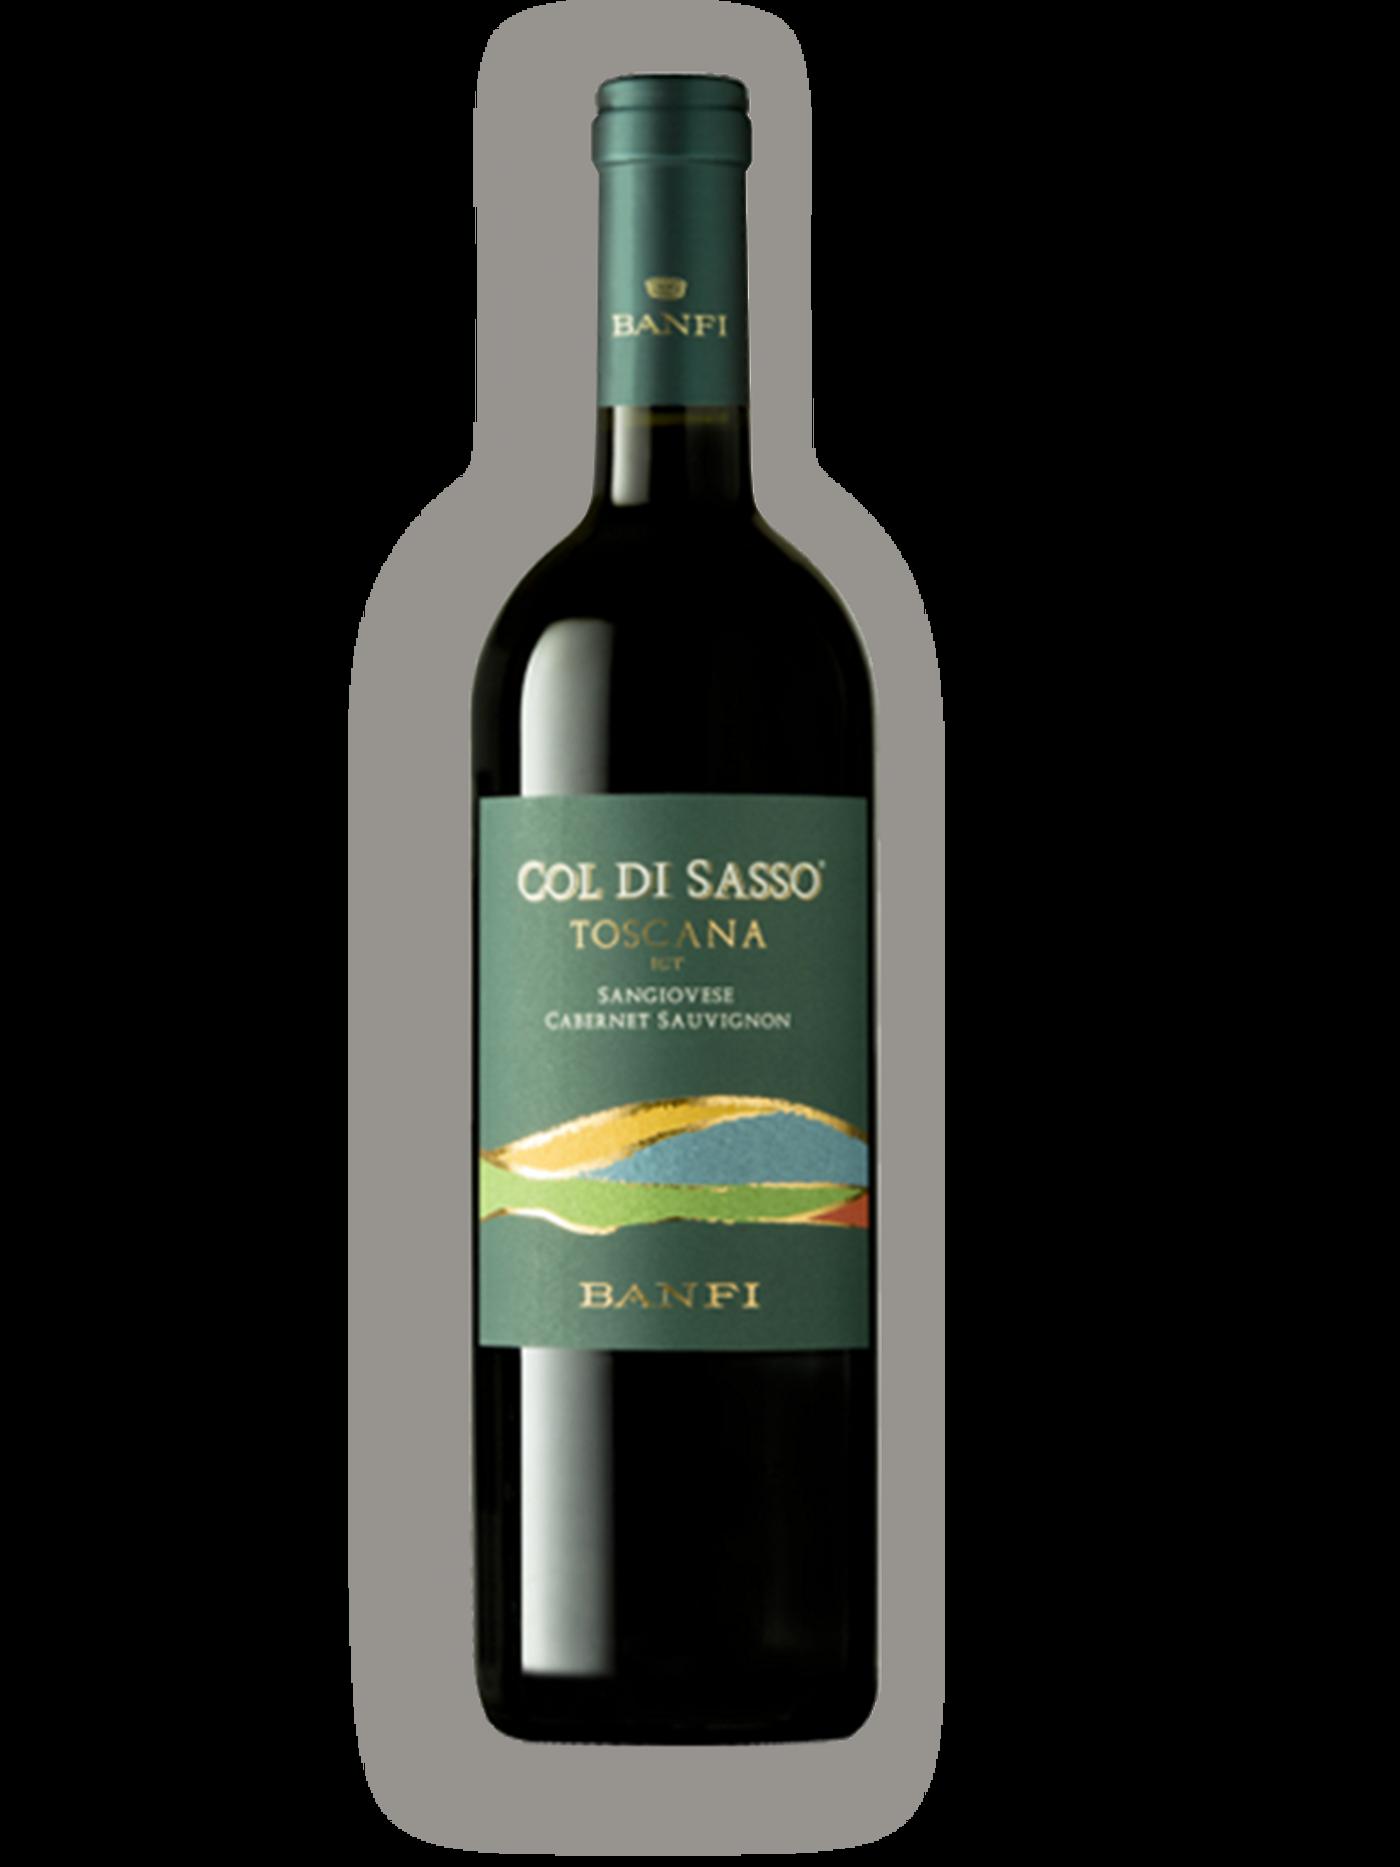 Col Di Sasso Toscana I.G.T.